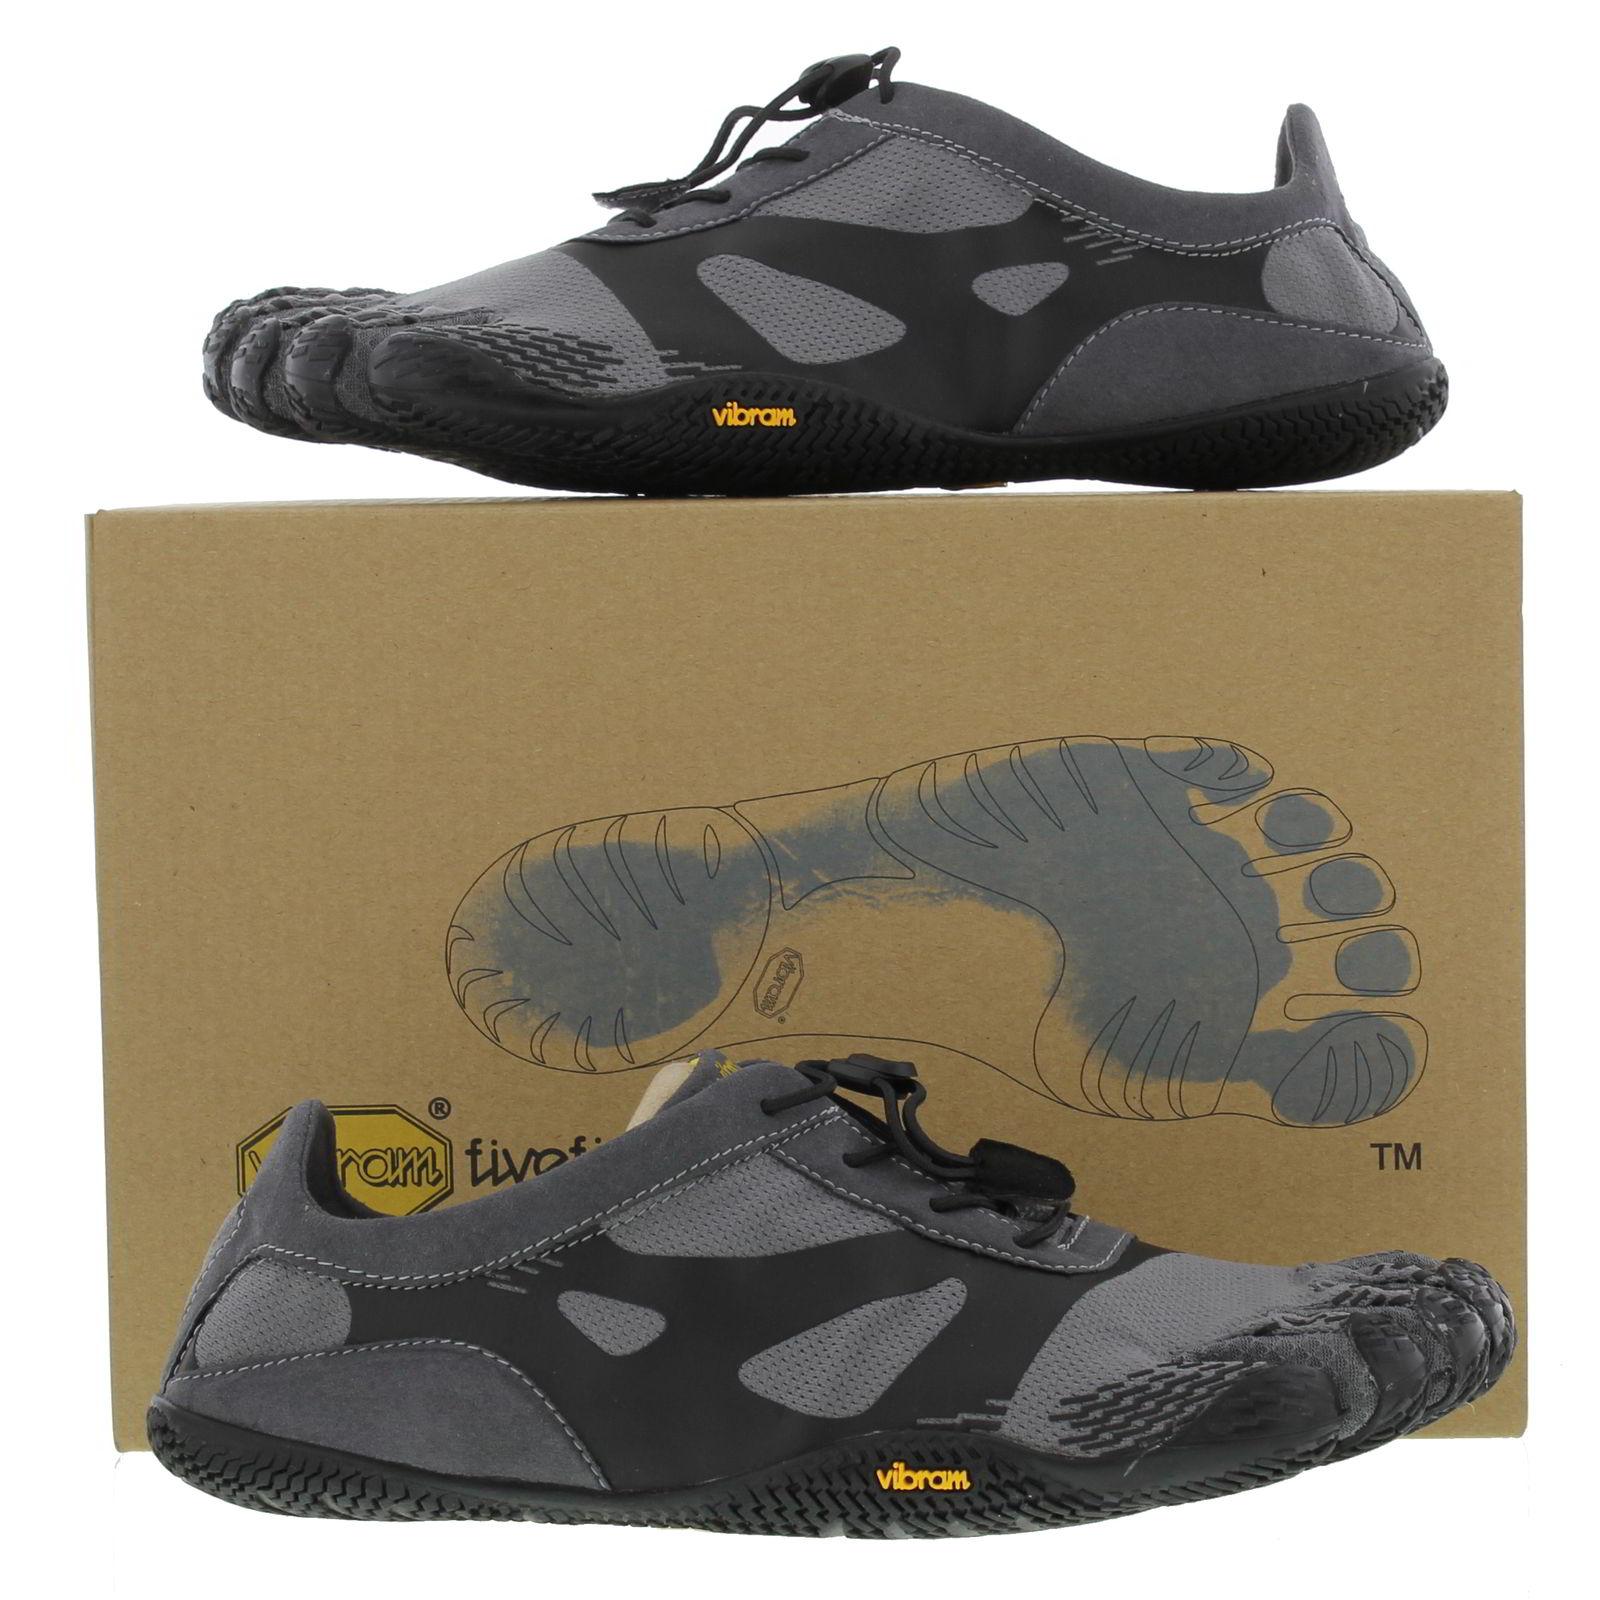 vibram five fingers kso evo mens barefoot running shoes. Black Bedroom Furniture Sets. Home Design Ideas